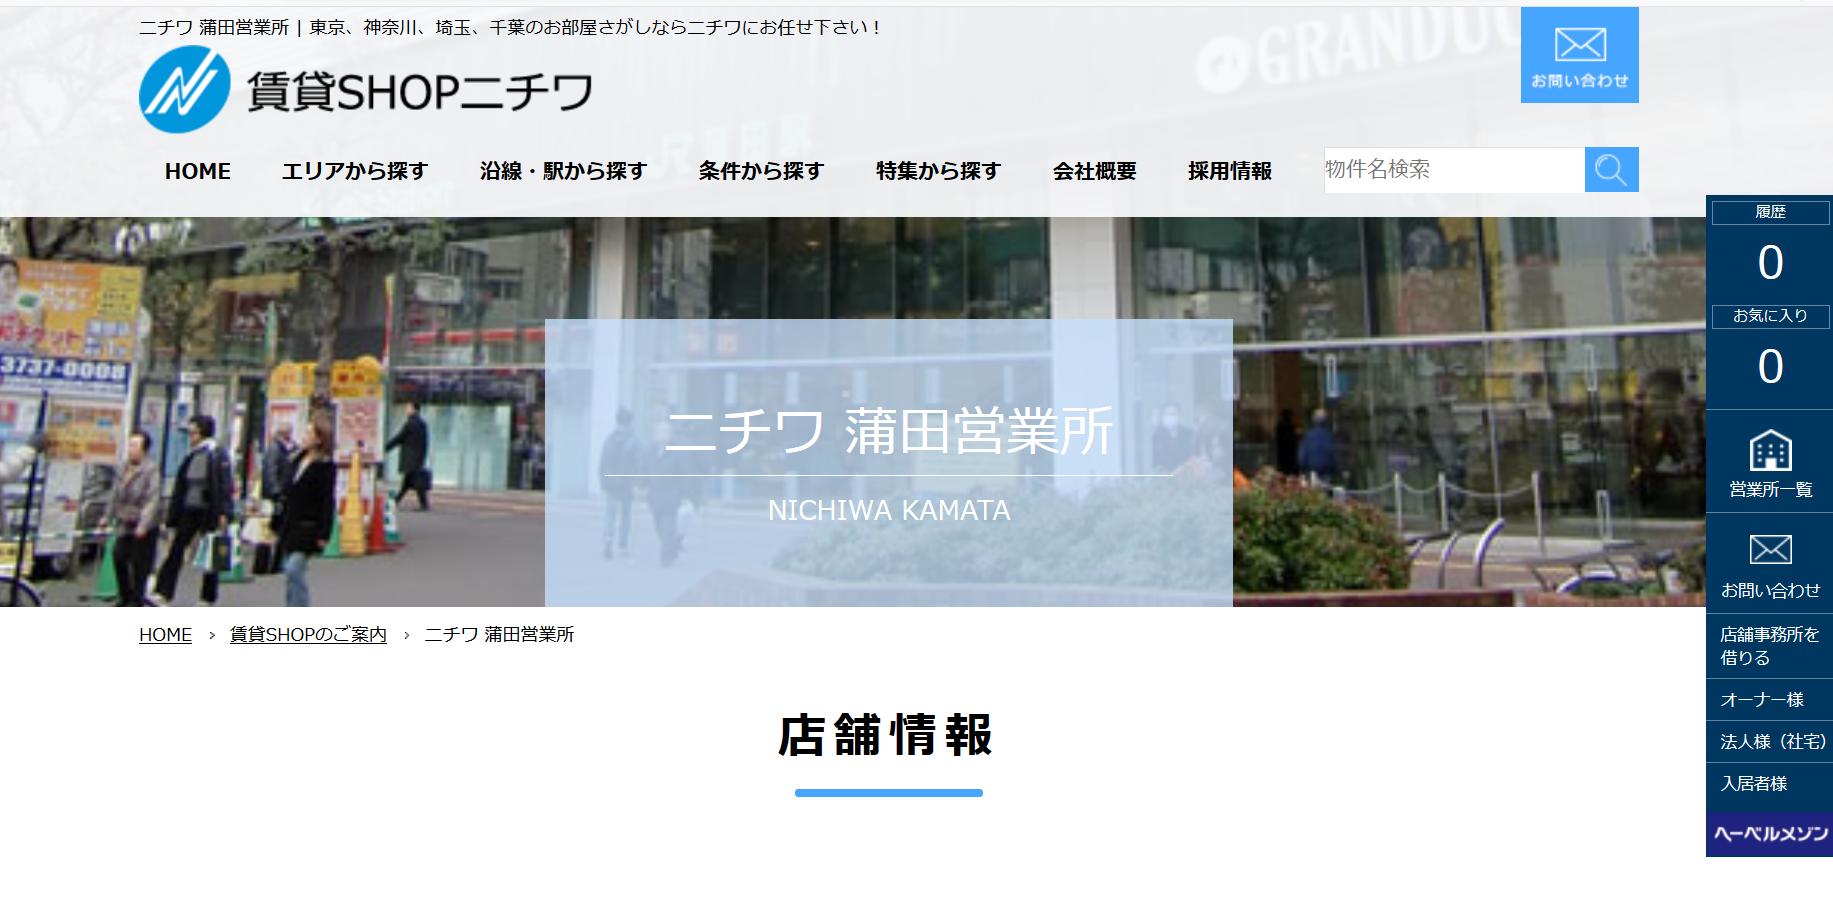 ニチワ 蒲田営業所